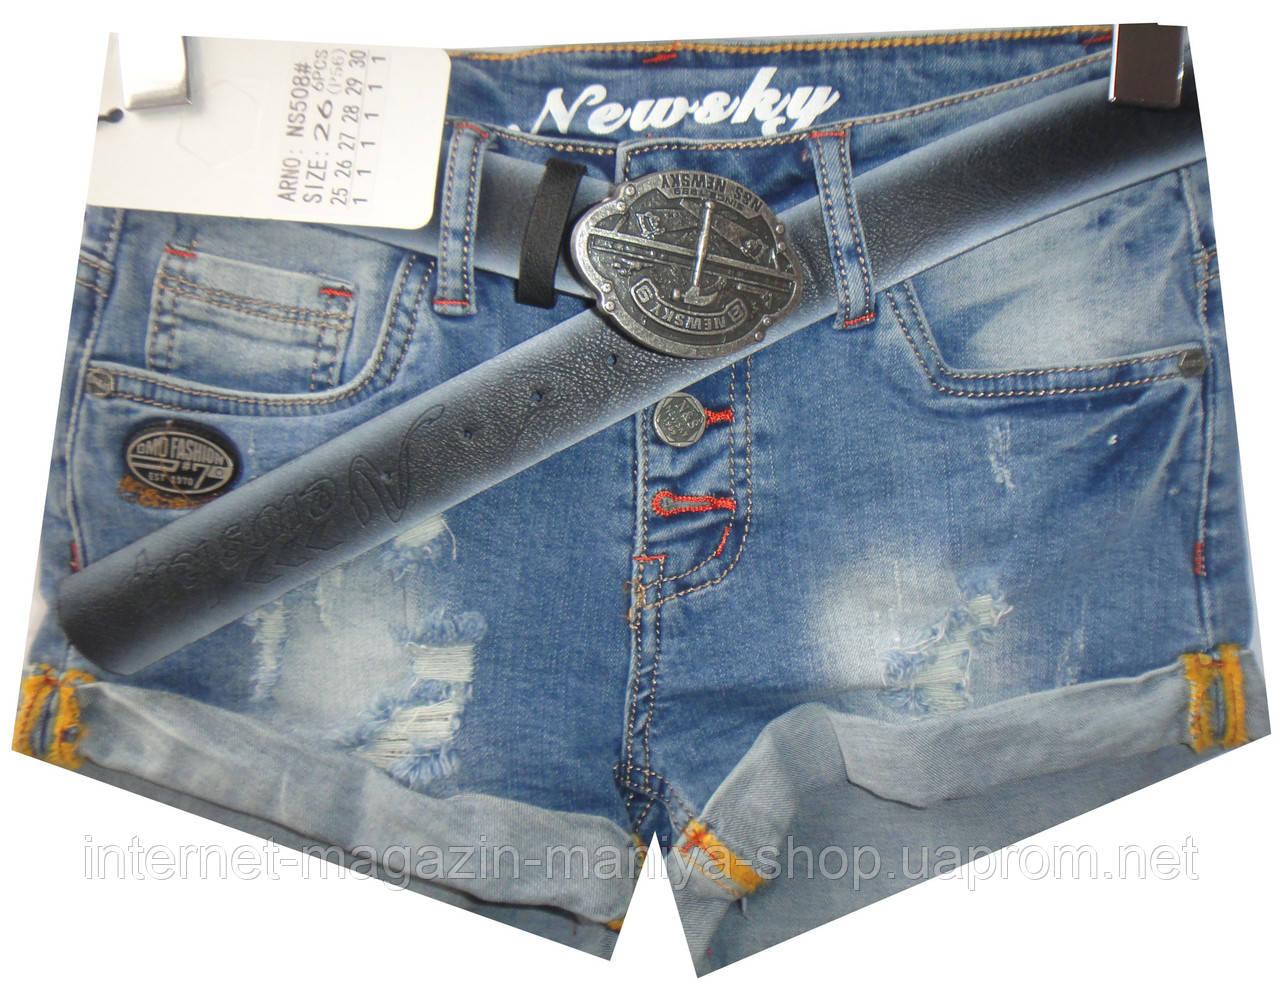 Шорты джинсовые женские NS508 потертости (лето)